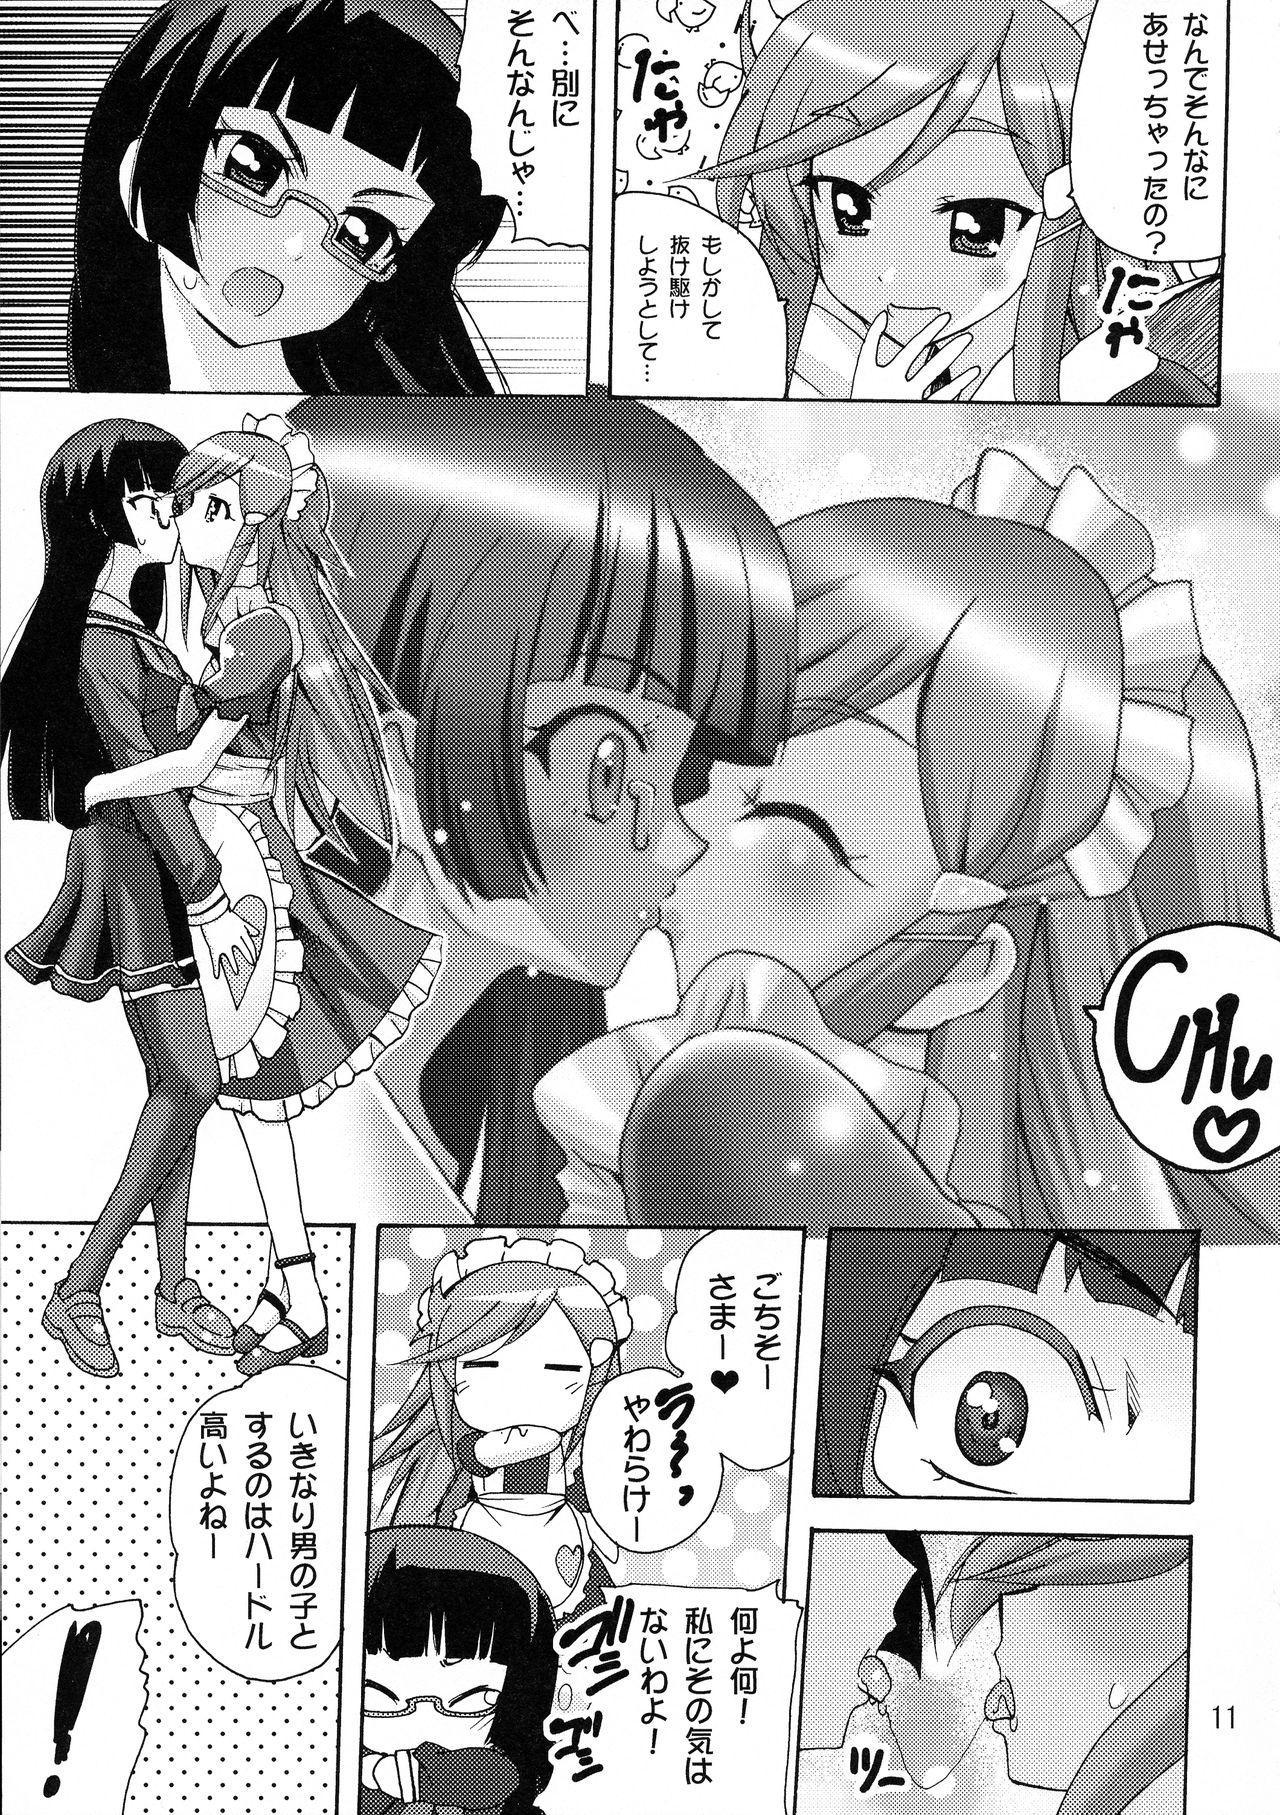 Koisuru Uchuu Kaizoku Musume 10